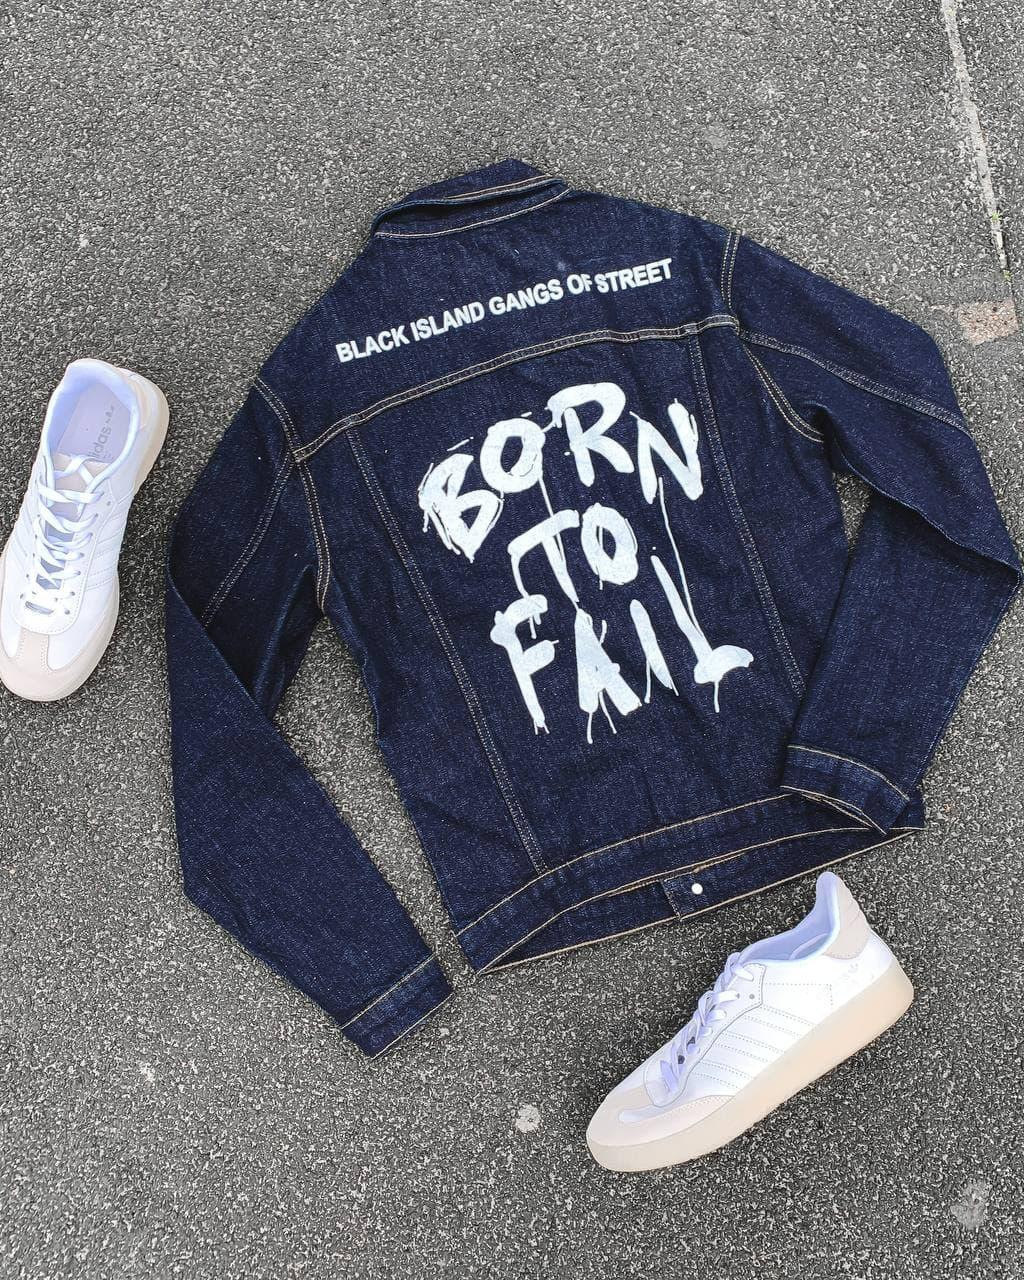 Модна джинсова куртка-піджак з принтом темно синя | Молодіжна джинсовці виробництво Туреччина